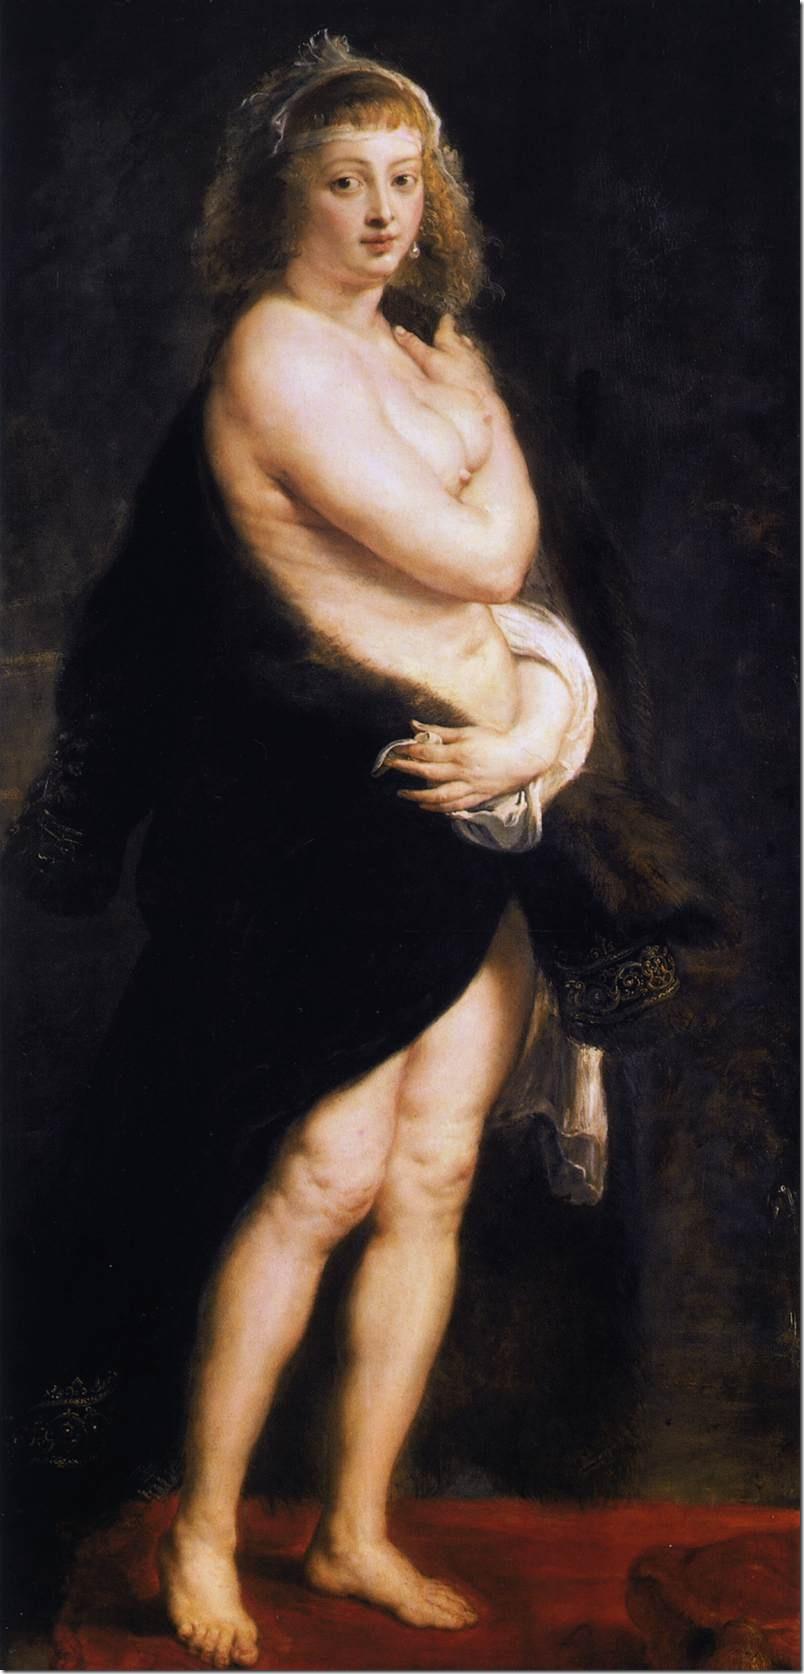 Peter_Paul_Rubens_-_The_Fur_('Het_Pelsken')_-_WGA20386